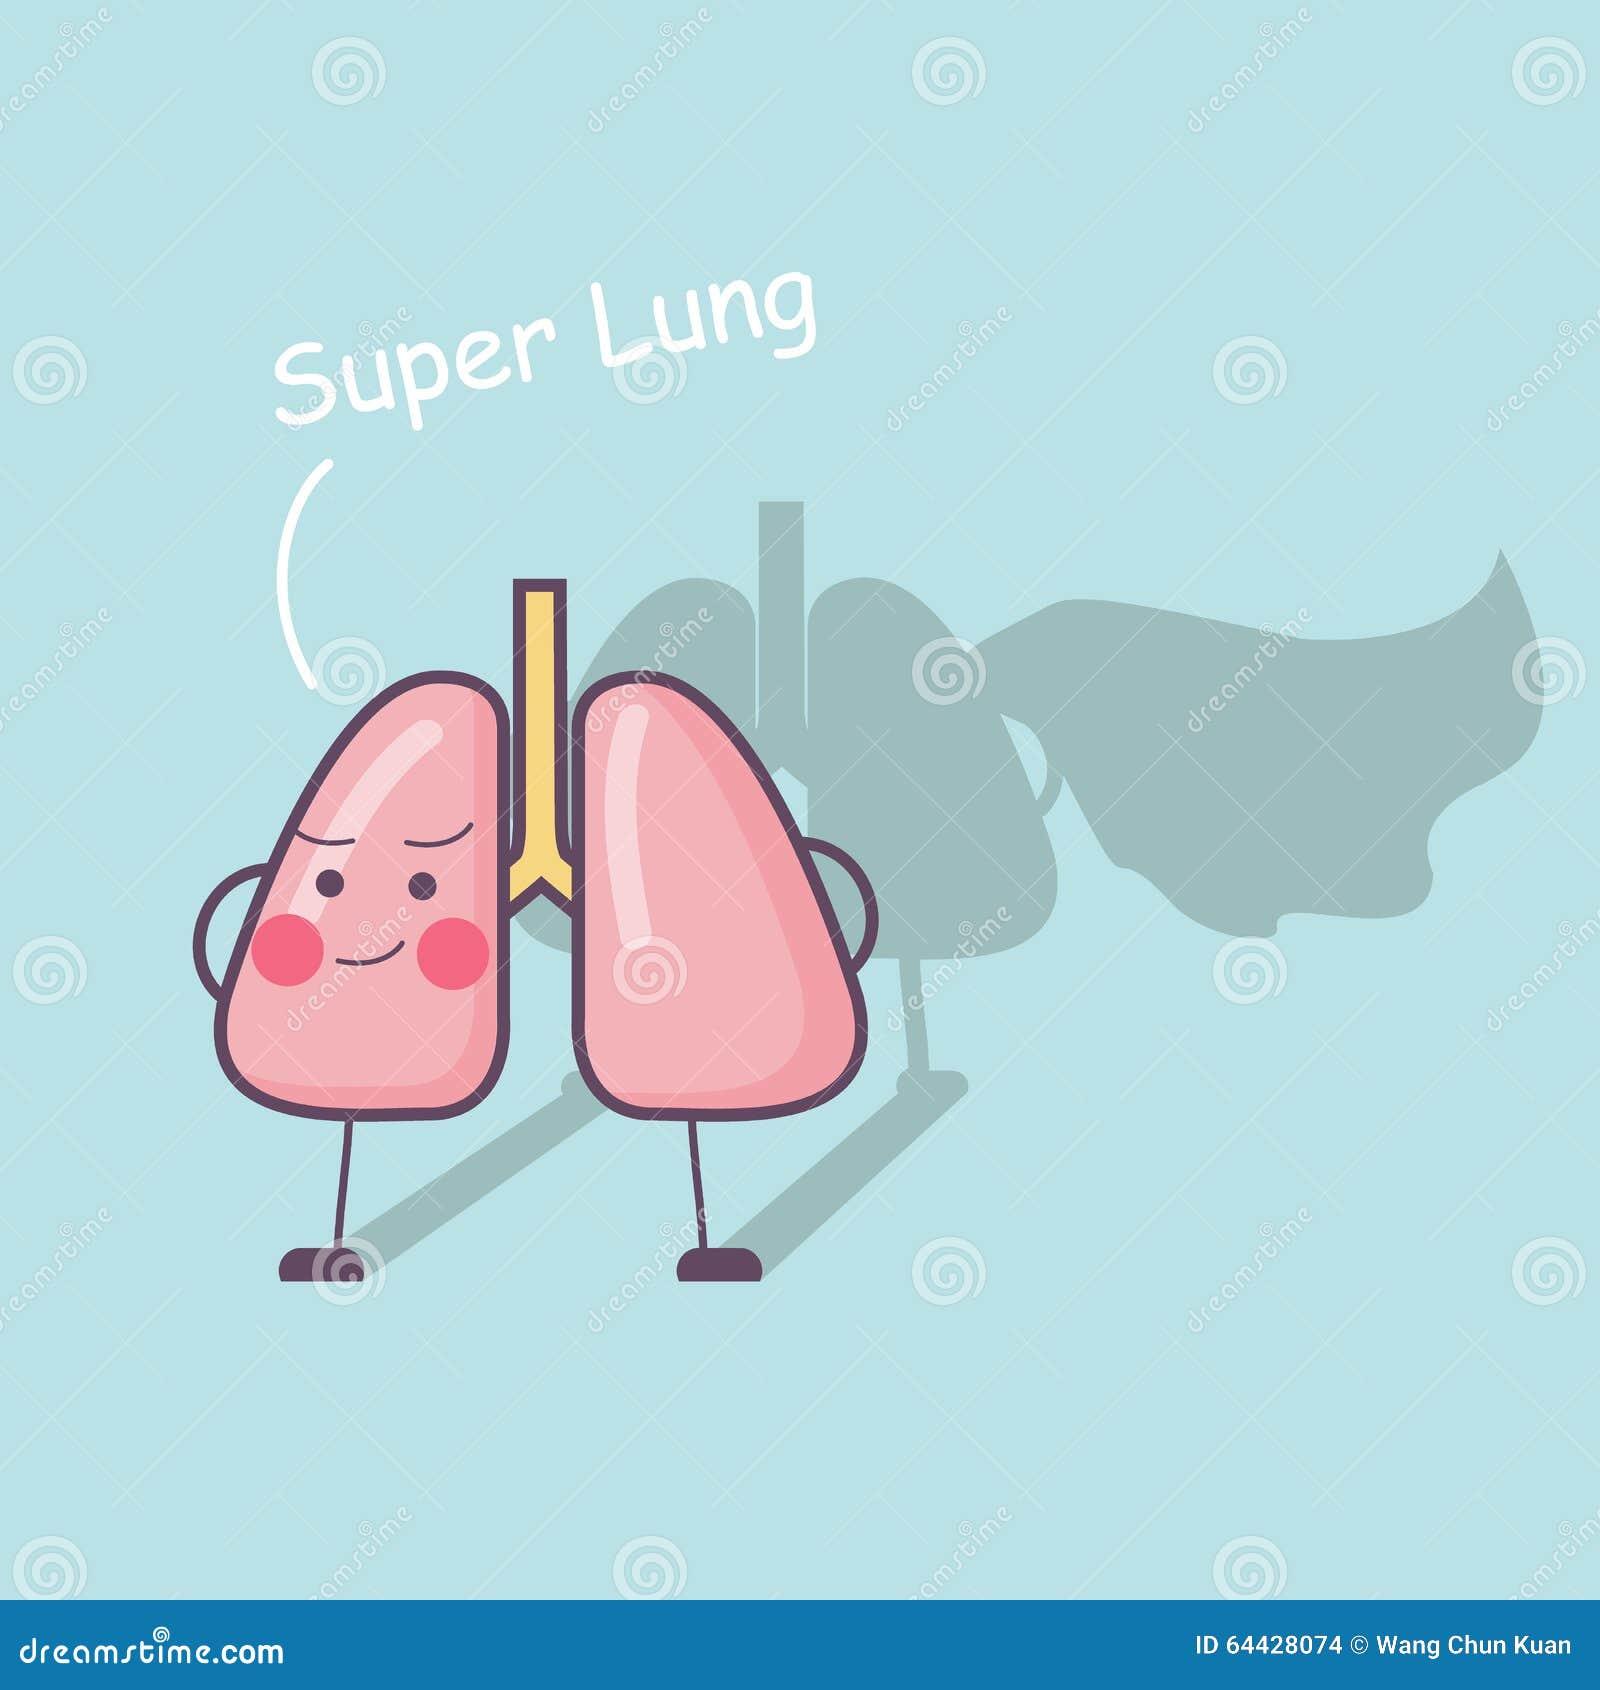 肺 表情包分享展示图片